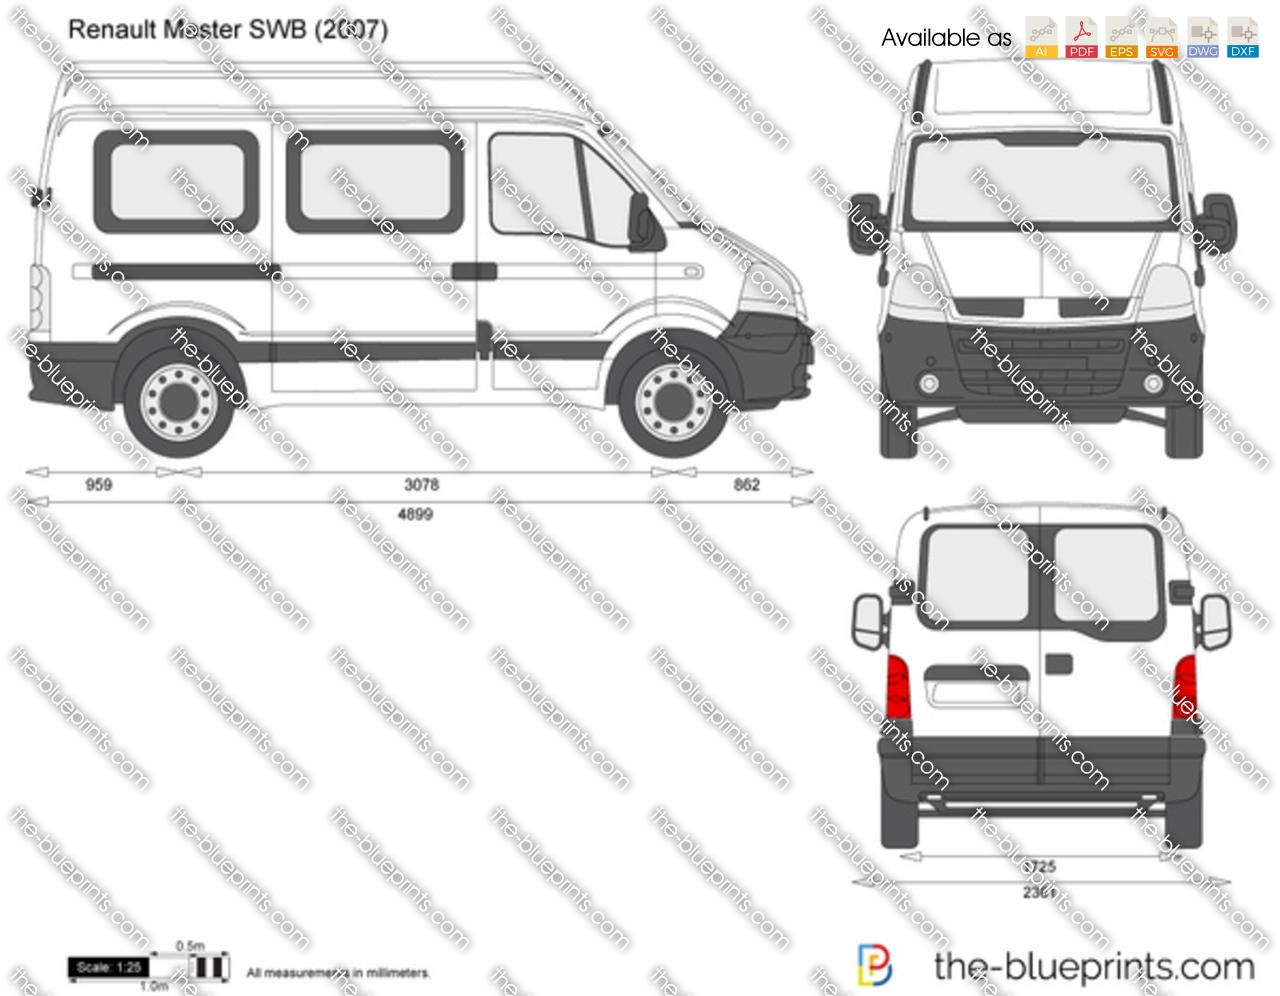 Renault Master SWB 2009